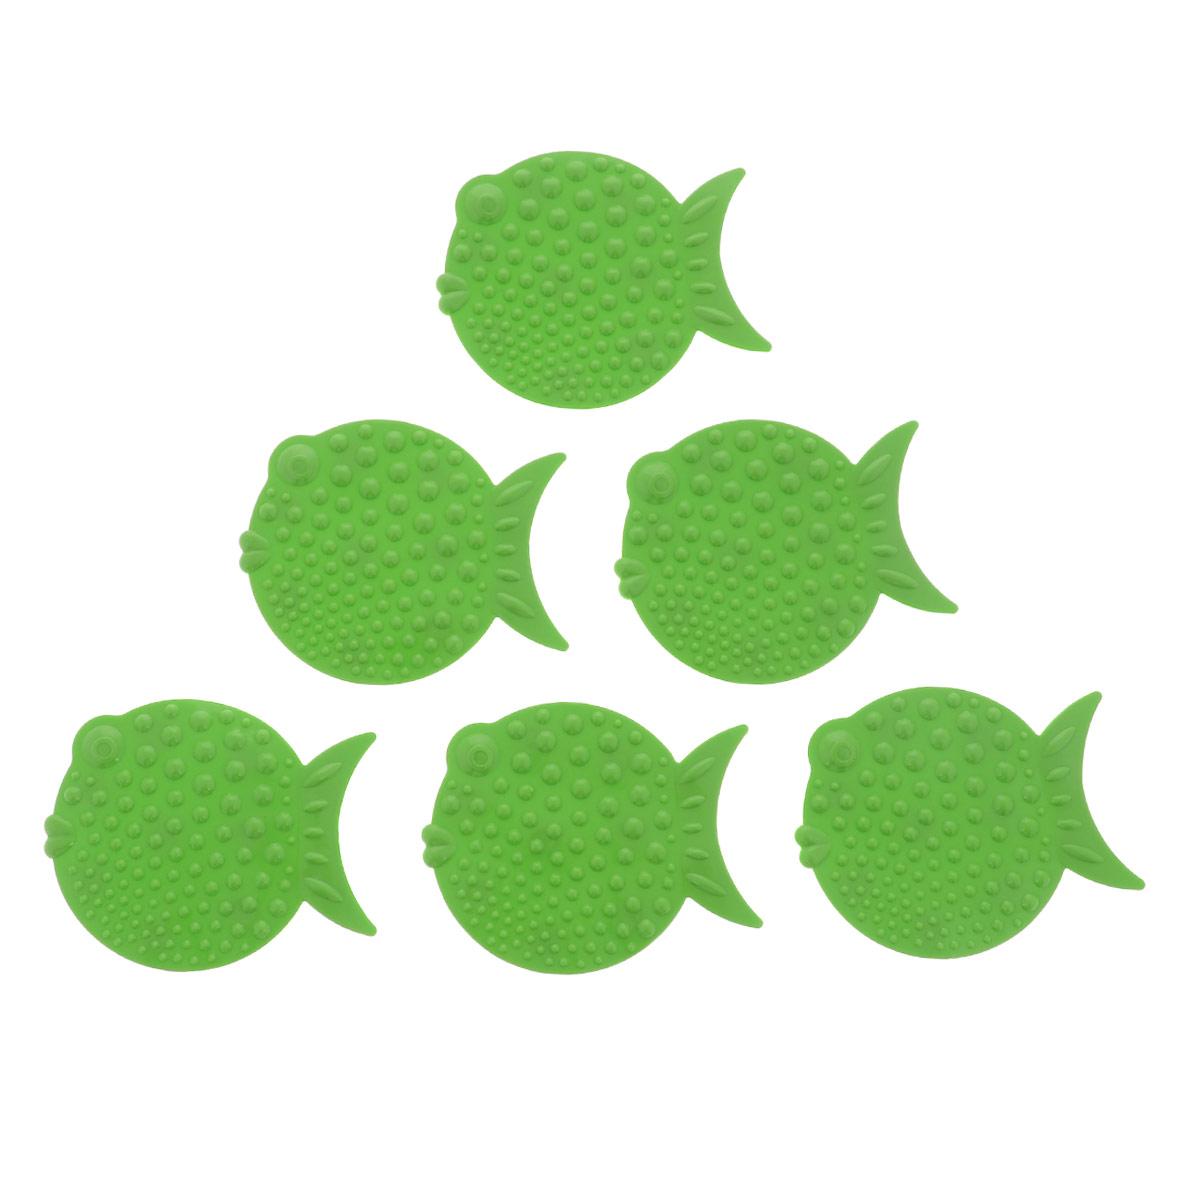 Набор мини-ковриков для ванной Перламутровая рыба, цвет: зеленый, 6 шт837-020Набор Перламутровая рыба включает шесть мини-ковриков для ванной. Изготовлены из PVC (полимерные материалы). Коврики оснащены присосками, предотвращающими скольжение. Крепятся на дно ванны, также можно использовать как декор для плитки. Легко чистить. Комплектация: 6 шт. Материал: 100% полимерные материалы. Размер мини-коврика: 12 см х 9,5 см.